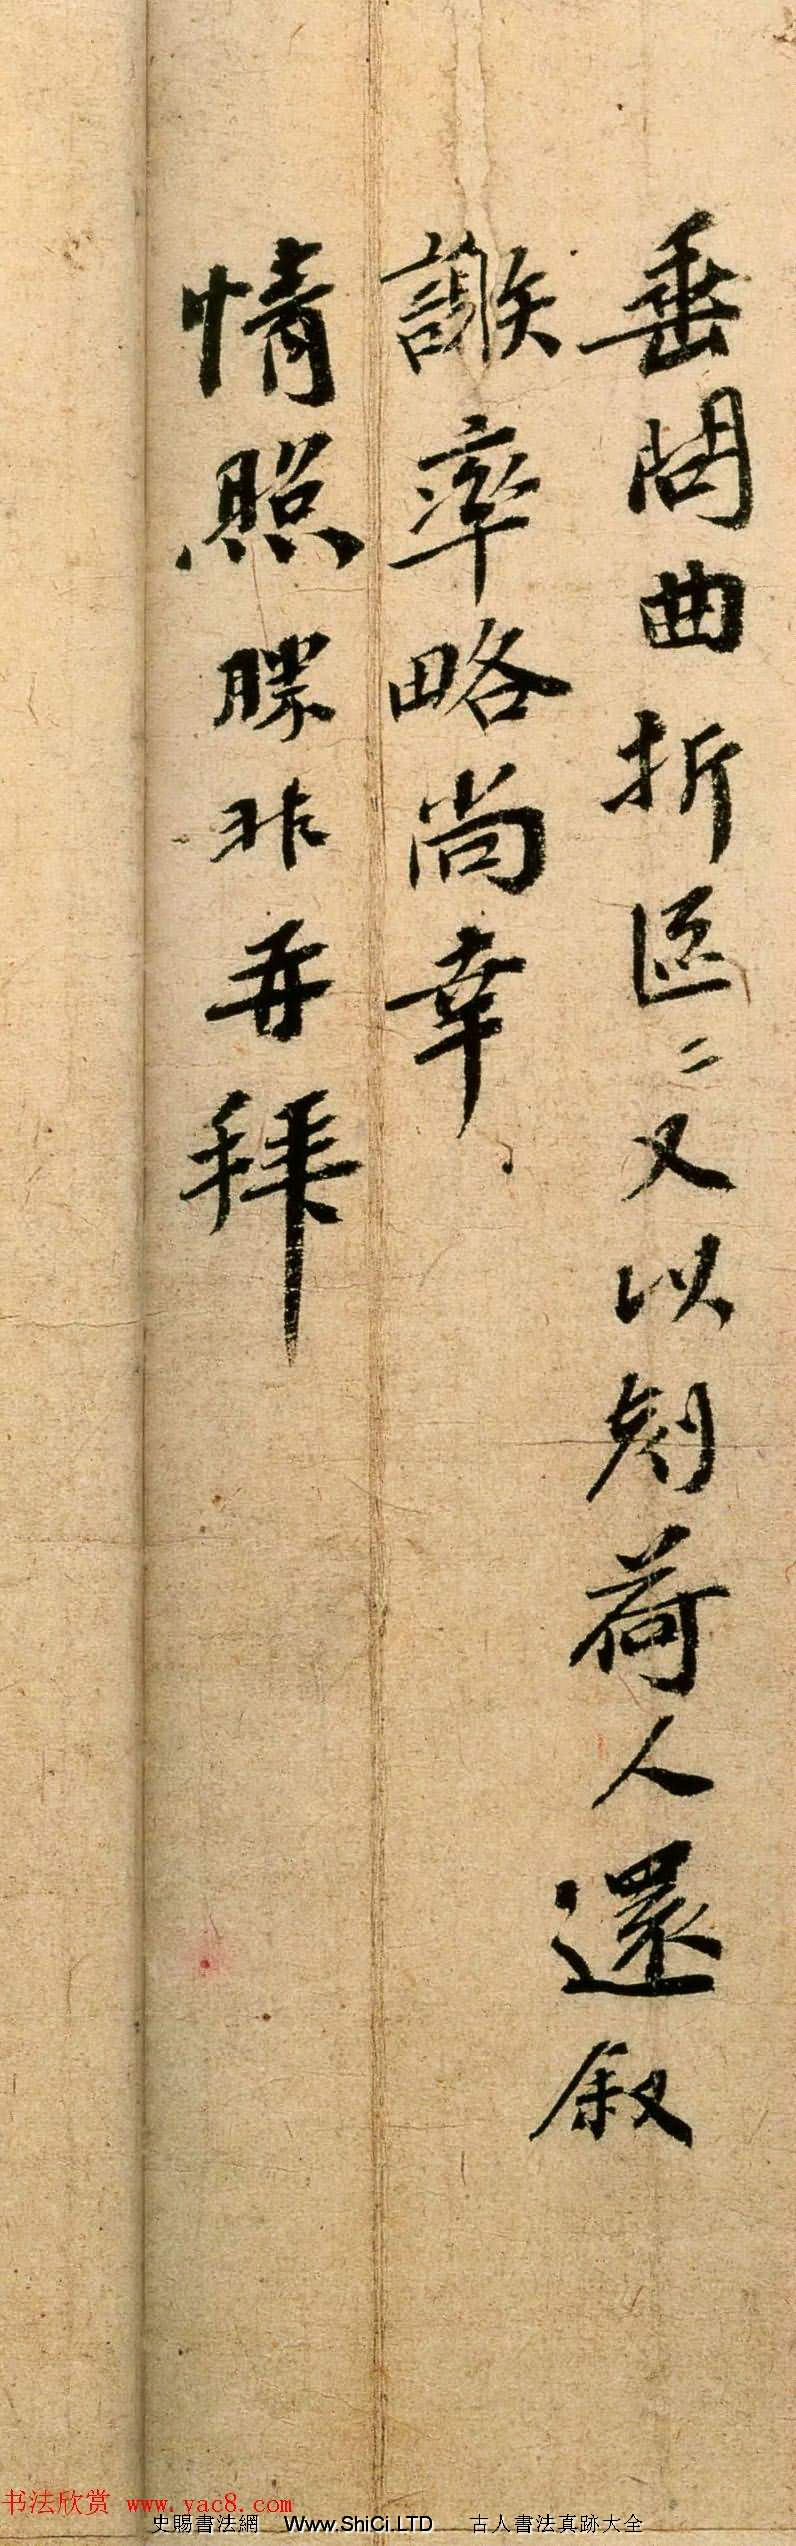 南宋宰相朱勝非行楷書法墨跡《杜門帖》